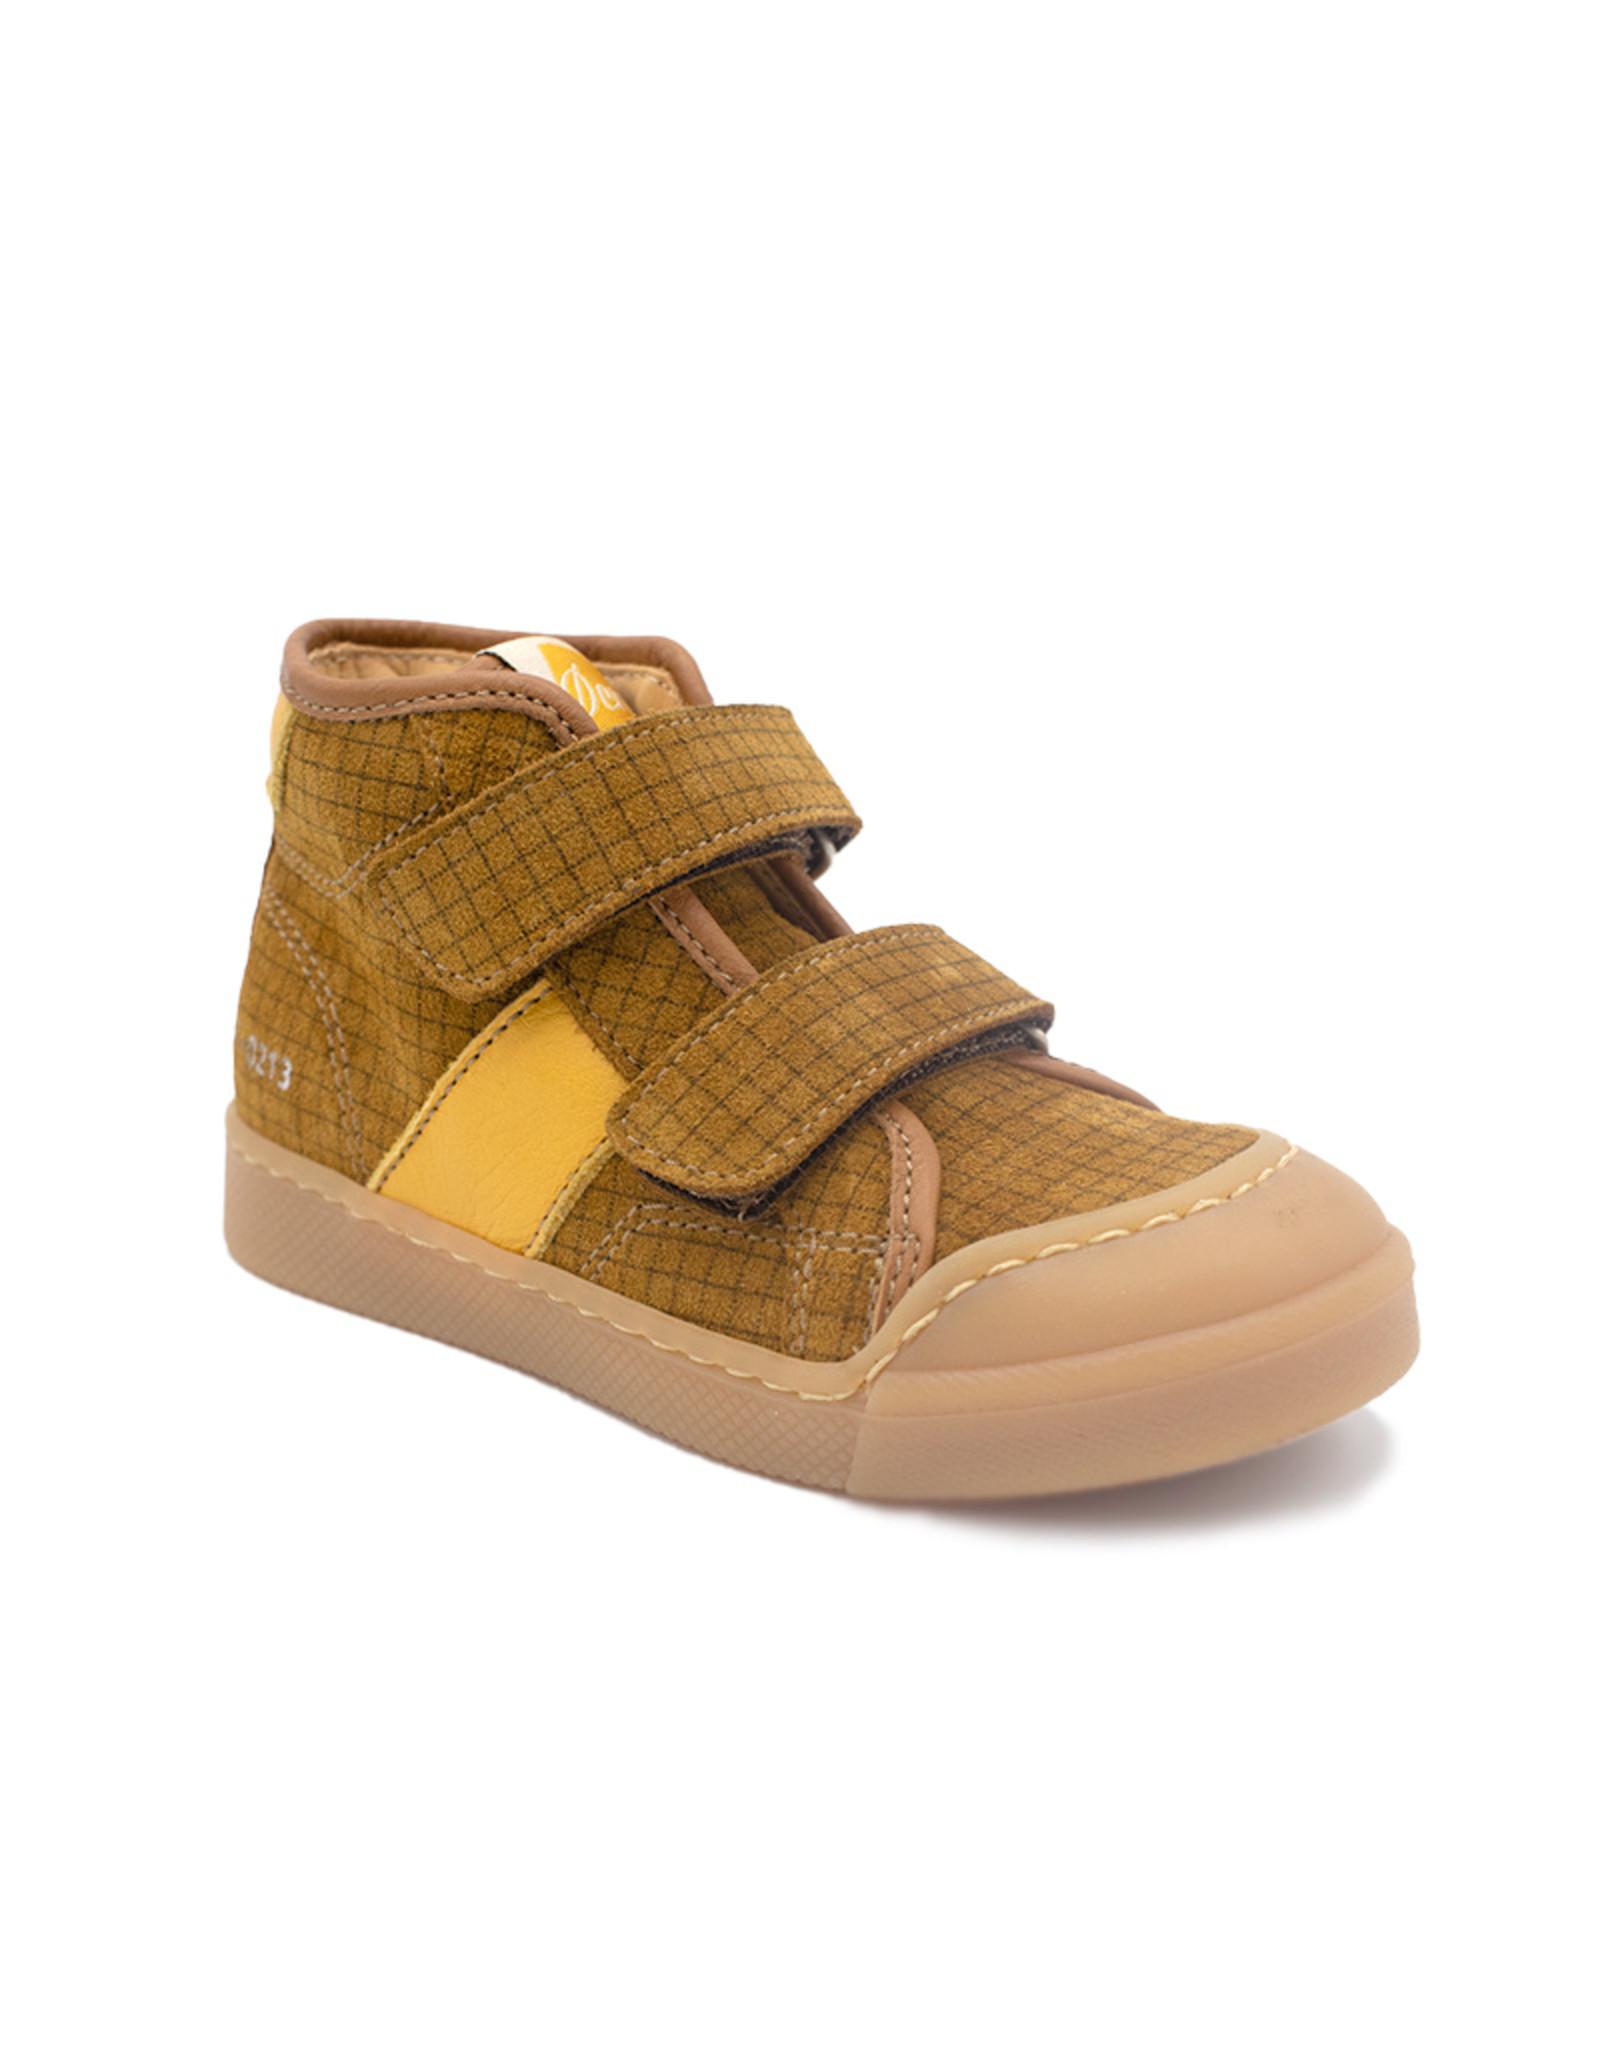 OCRA OCRA sneaker bruin oker